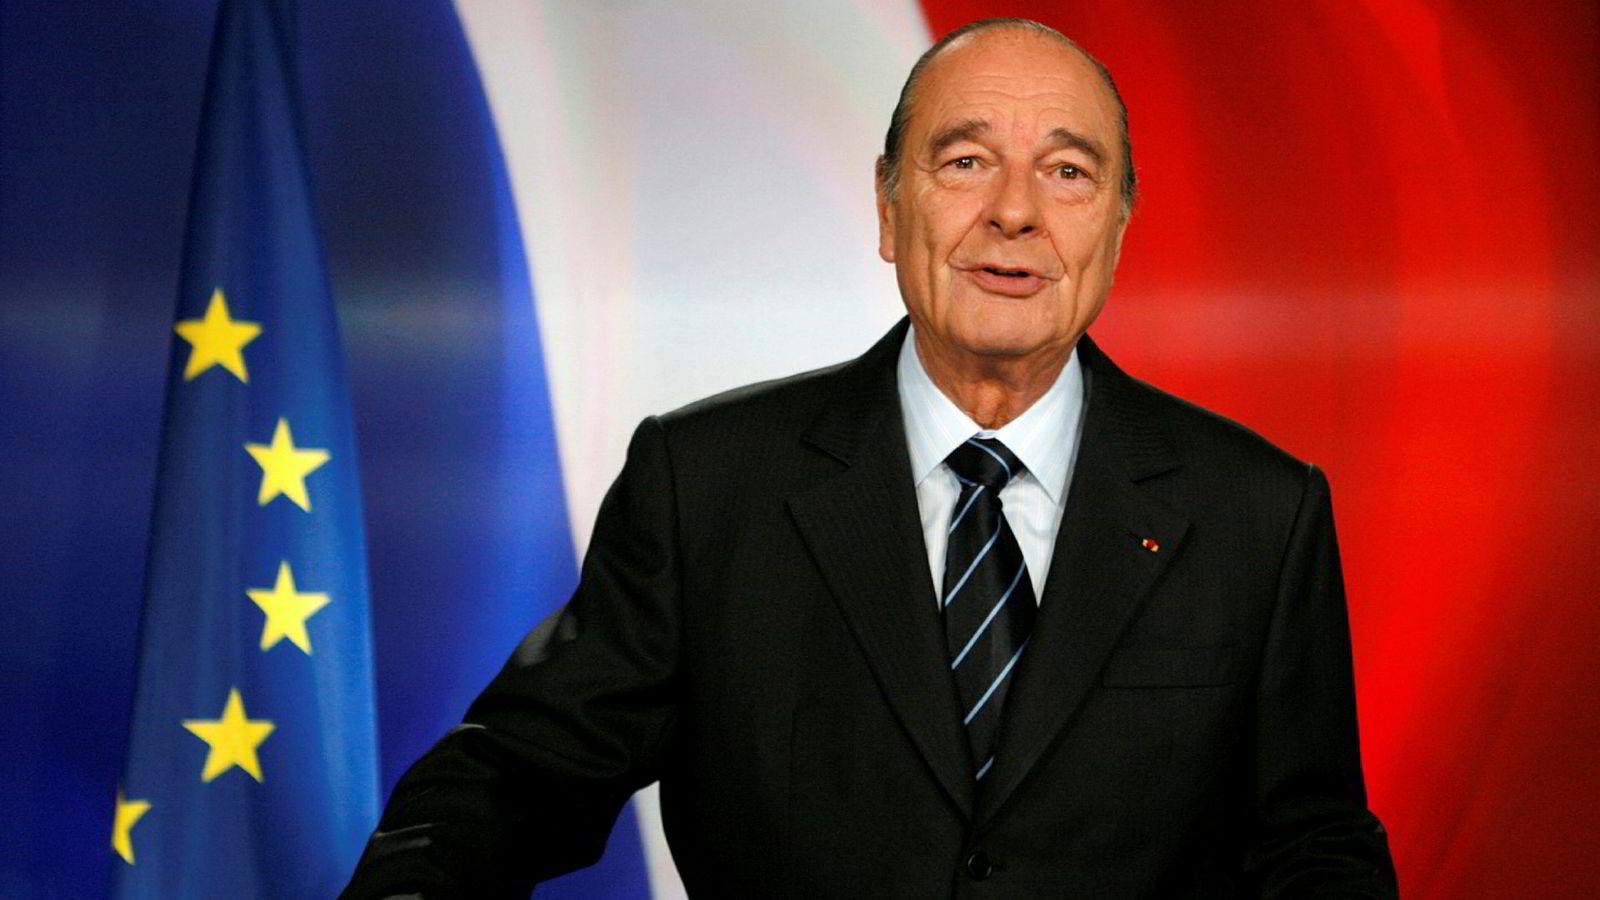 Jacques Chirac var president i Frankrike fra 1995 til 2007. Han ble etterfulgt av Nicolas Sarkozy.